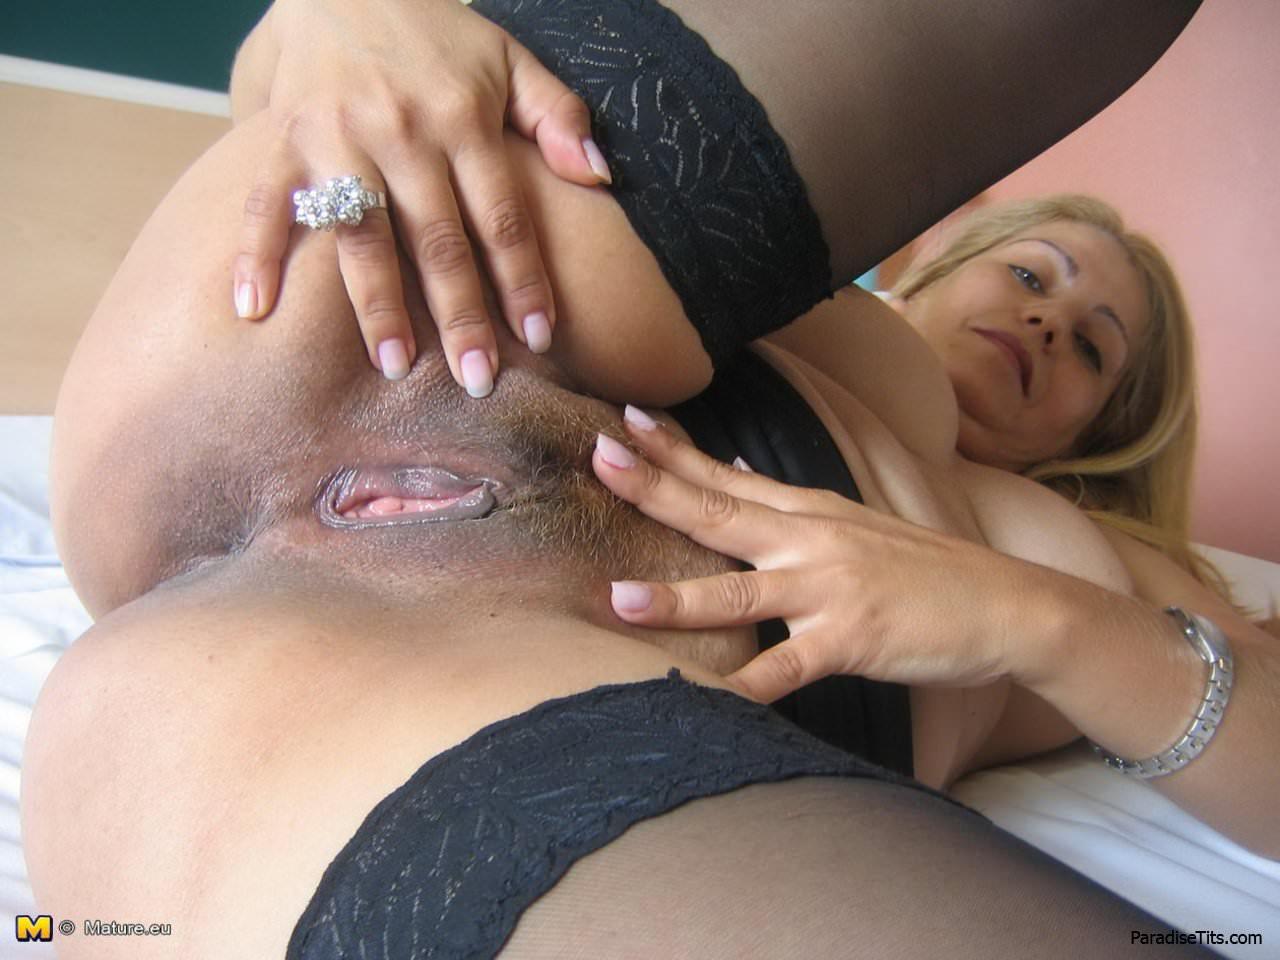 Порно кастинг зрелых женщин и дам. Порно кастинг со зрелыми